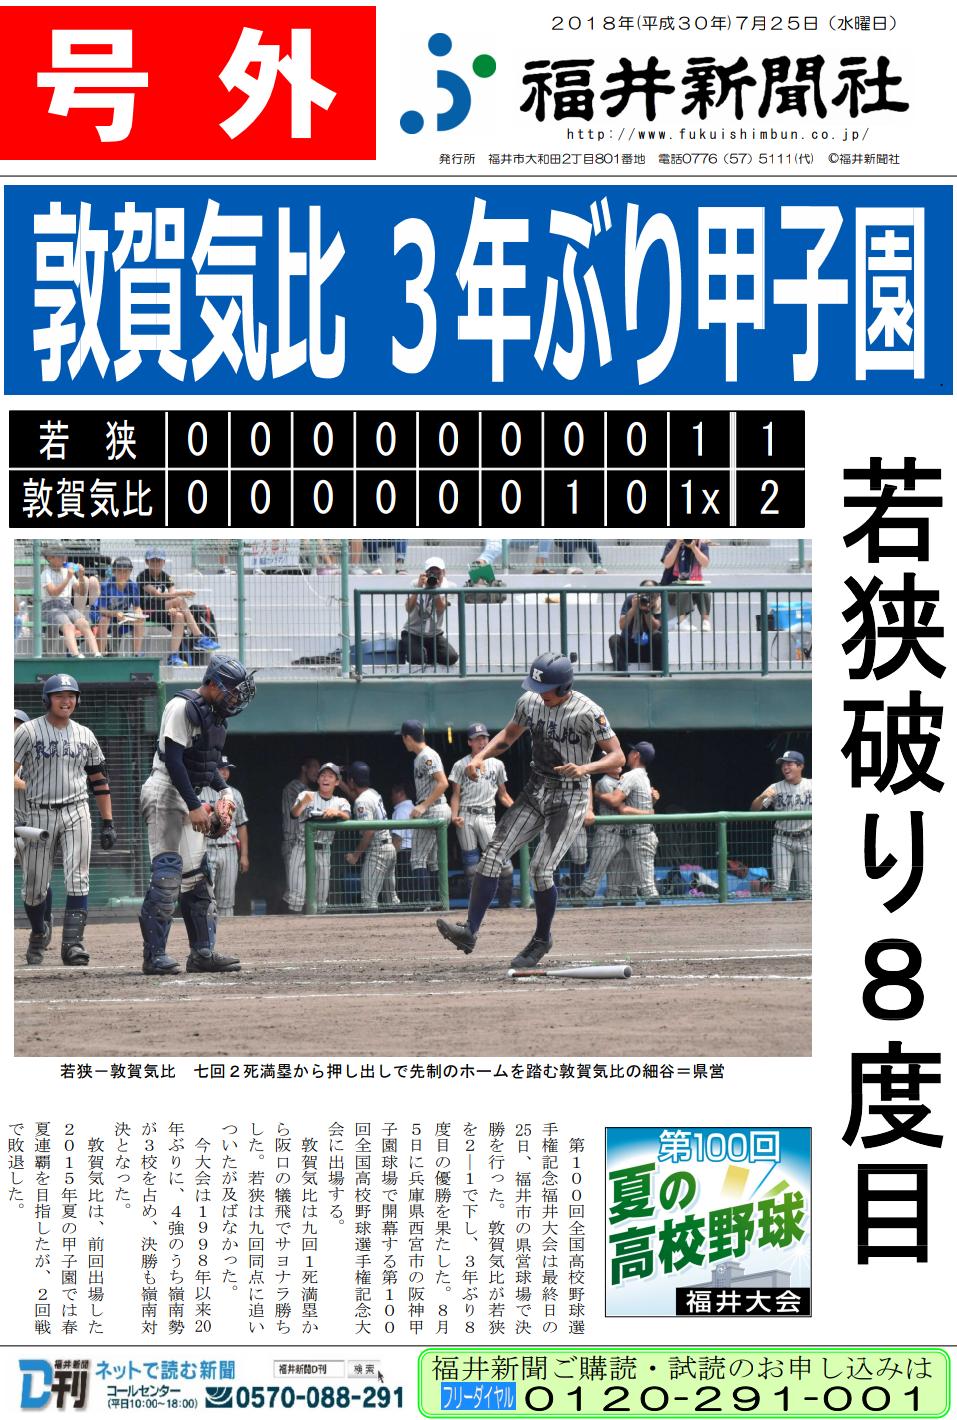 新聞 d 刊 福井